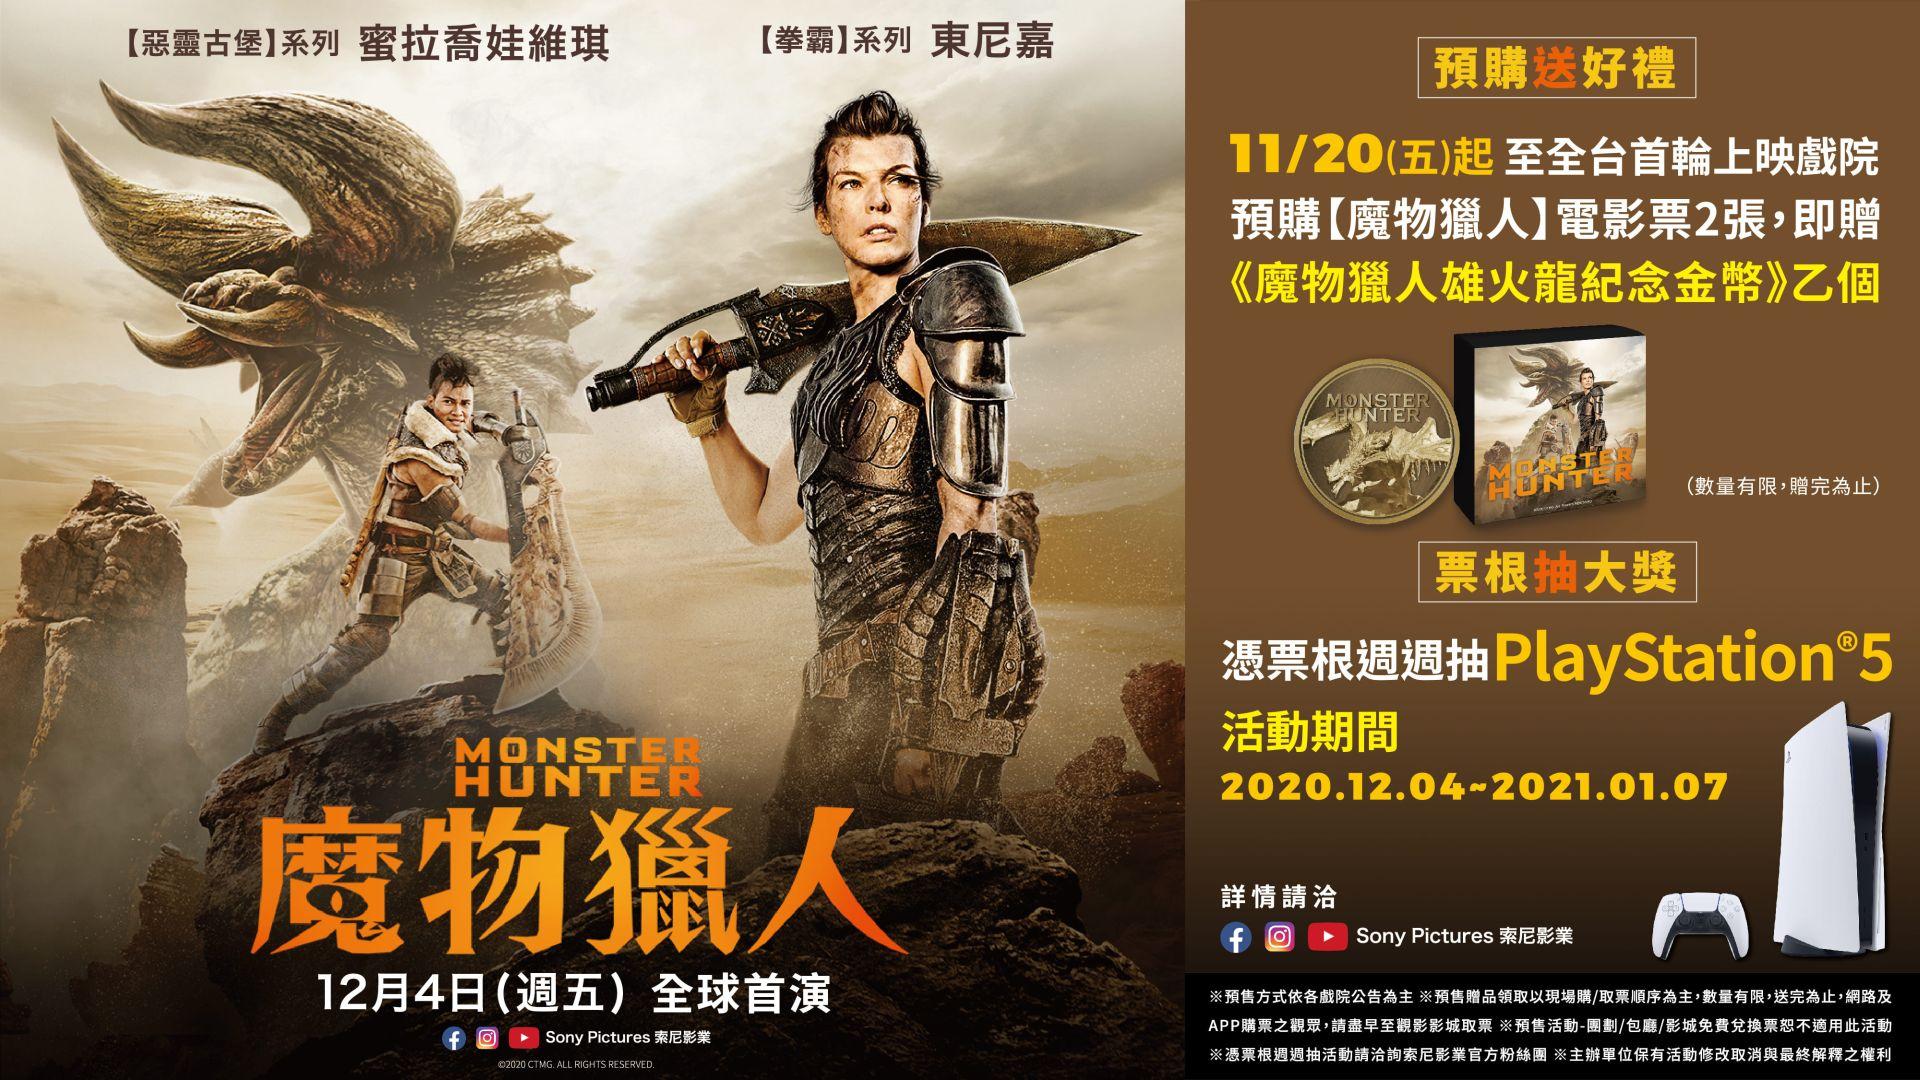 【魔物獵人】票根抽PS5、預購送全球唯一紀念金幣